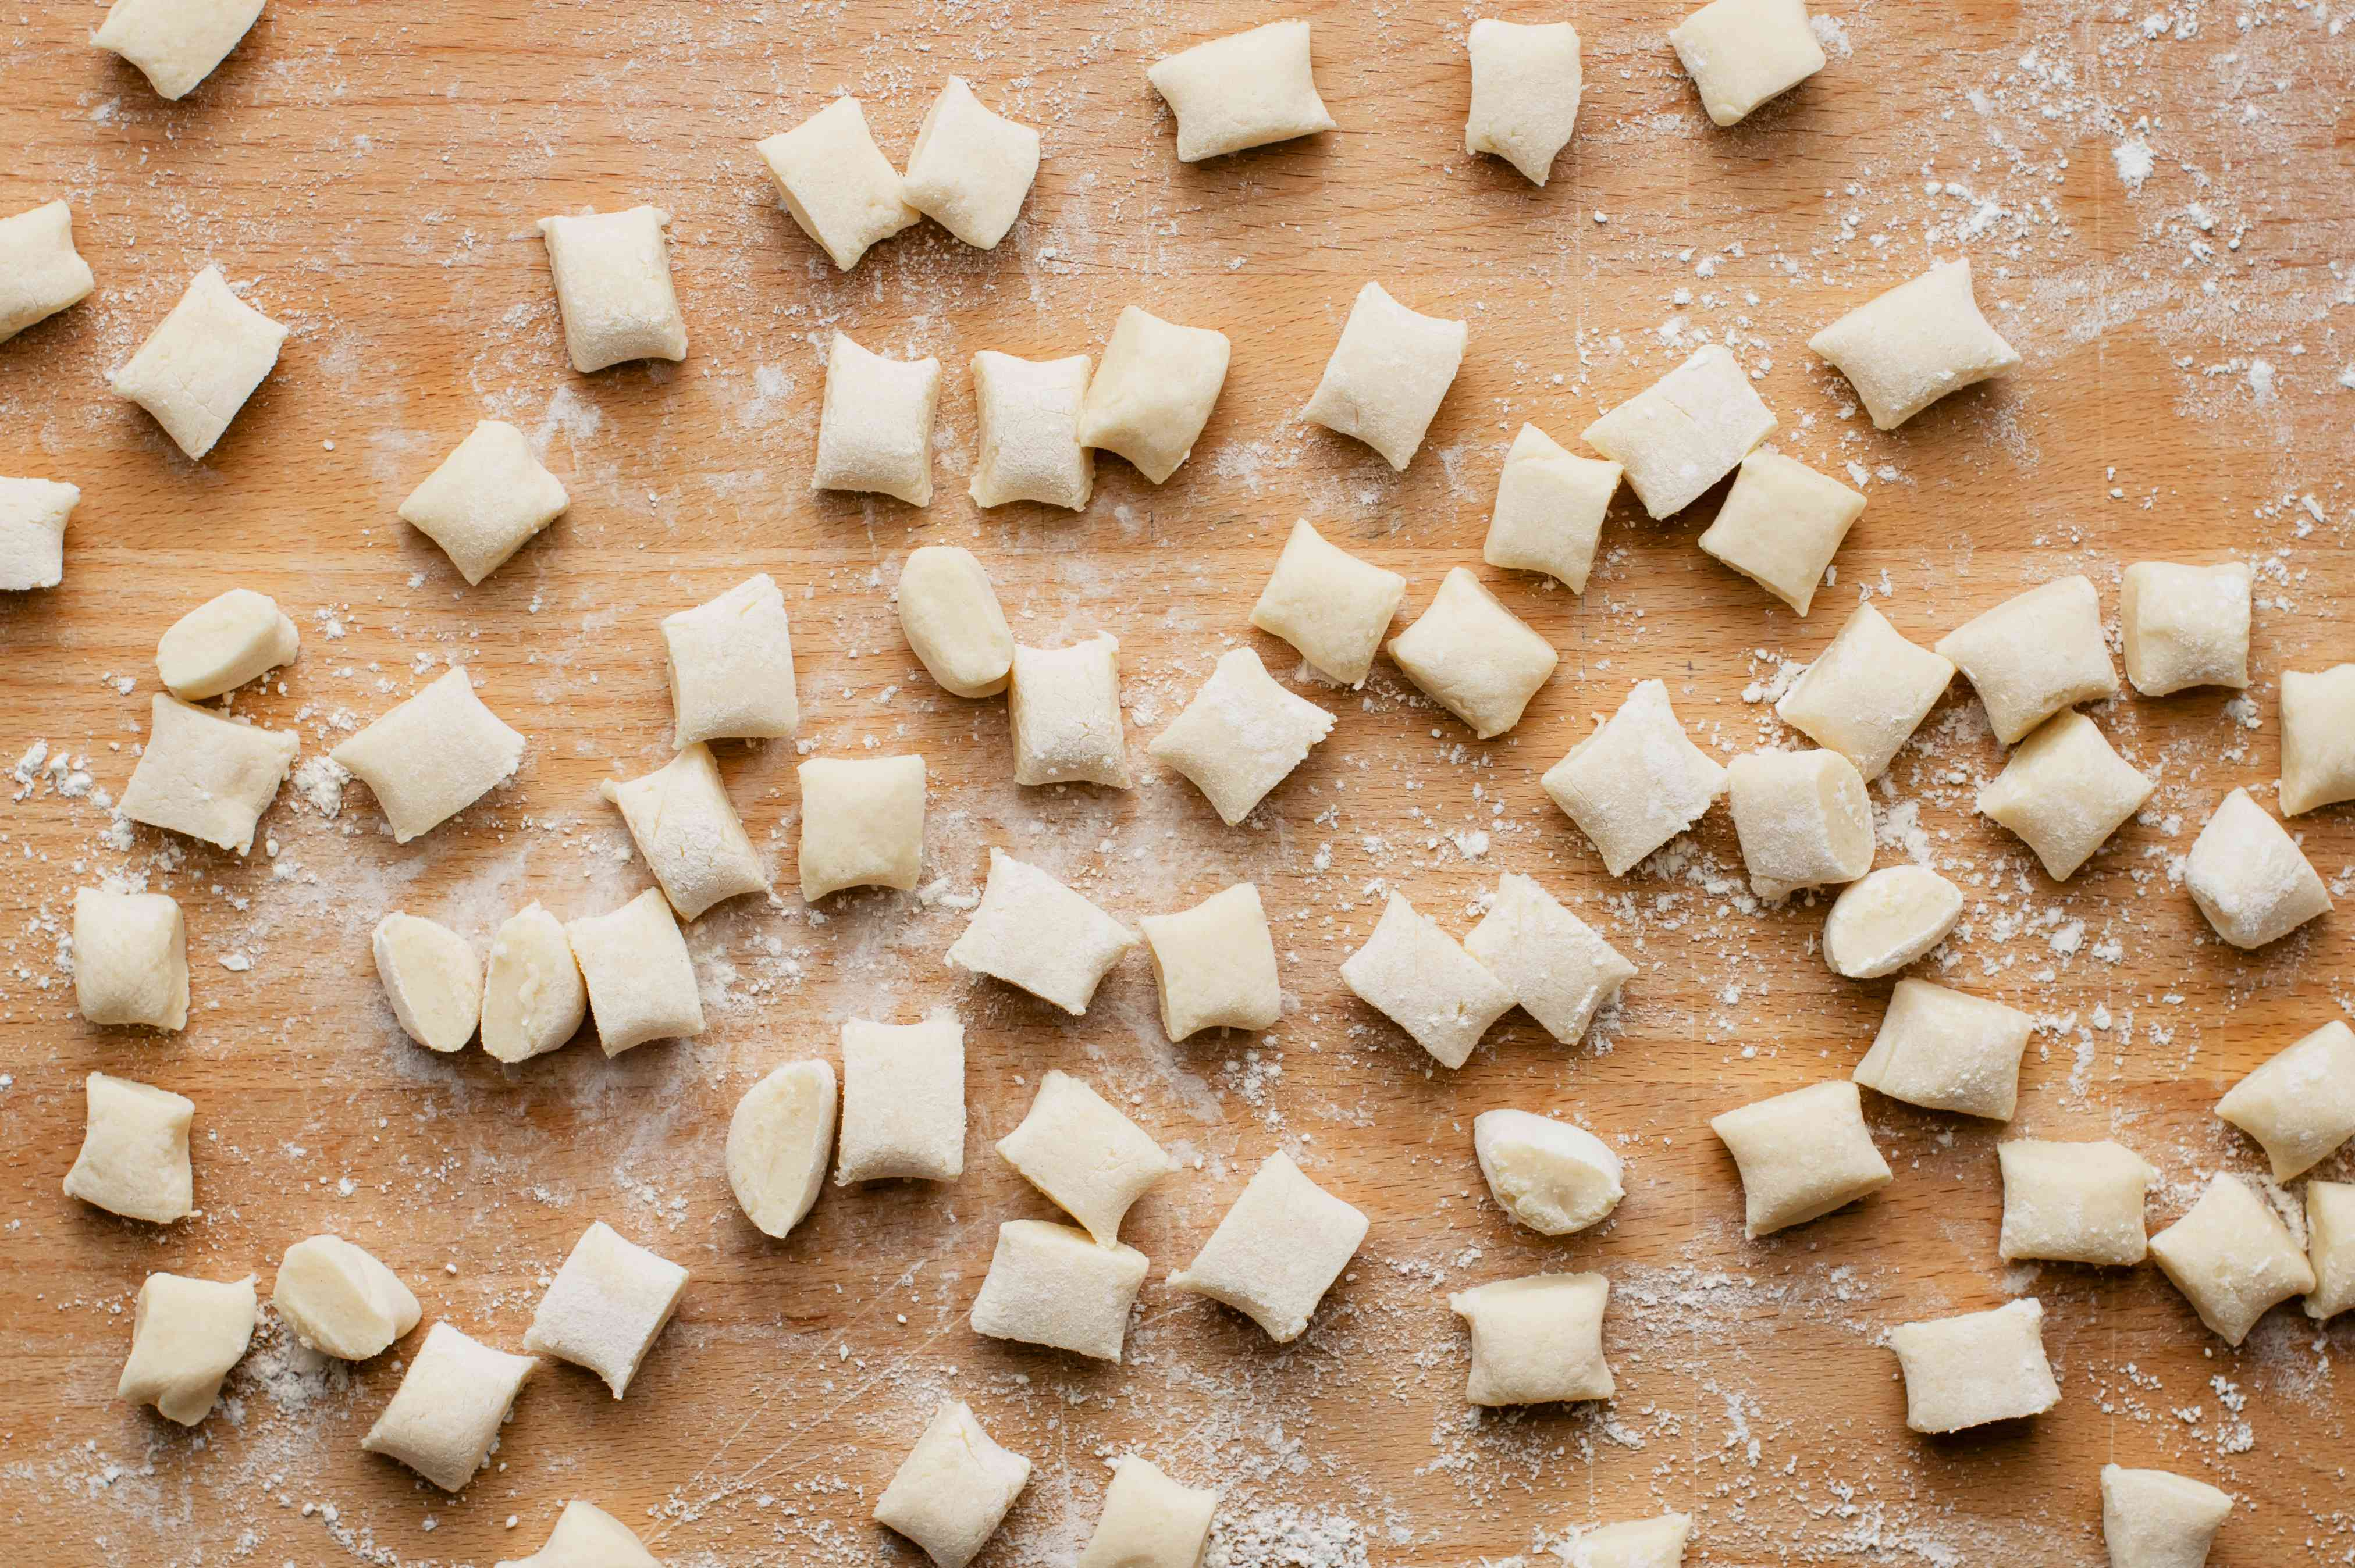 Small pieces of potato dough for gnocchi